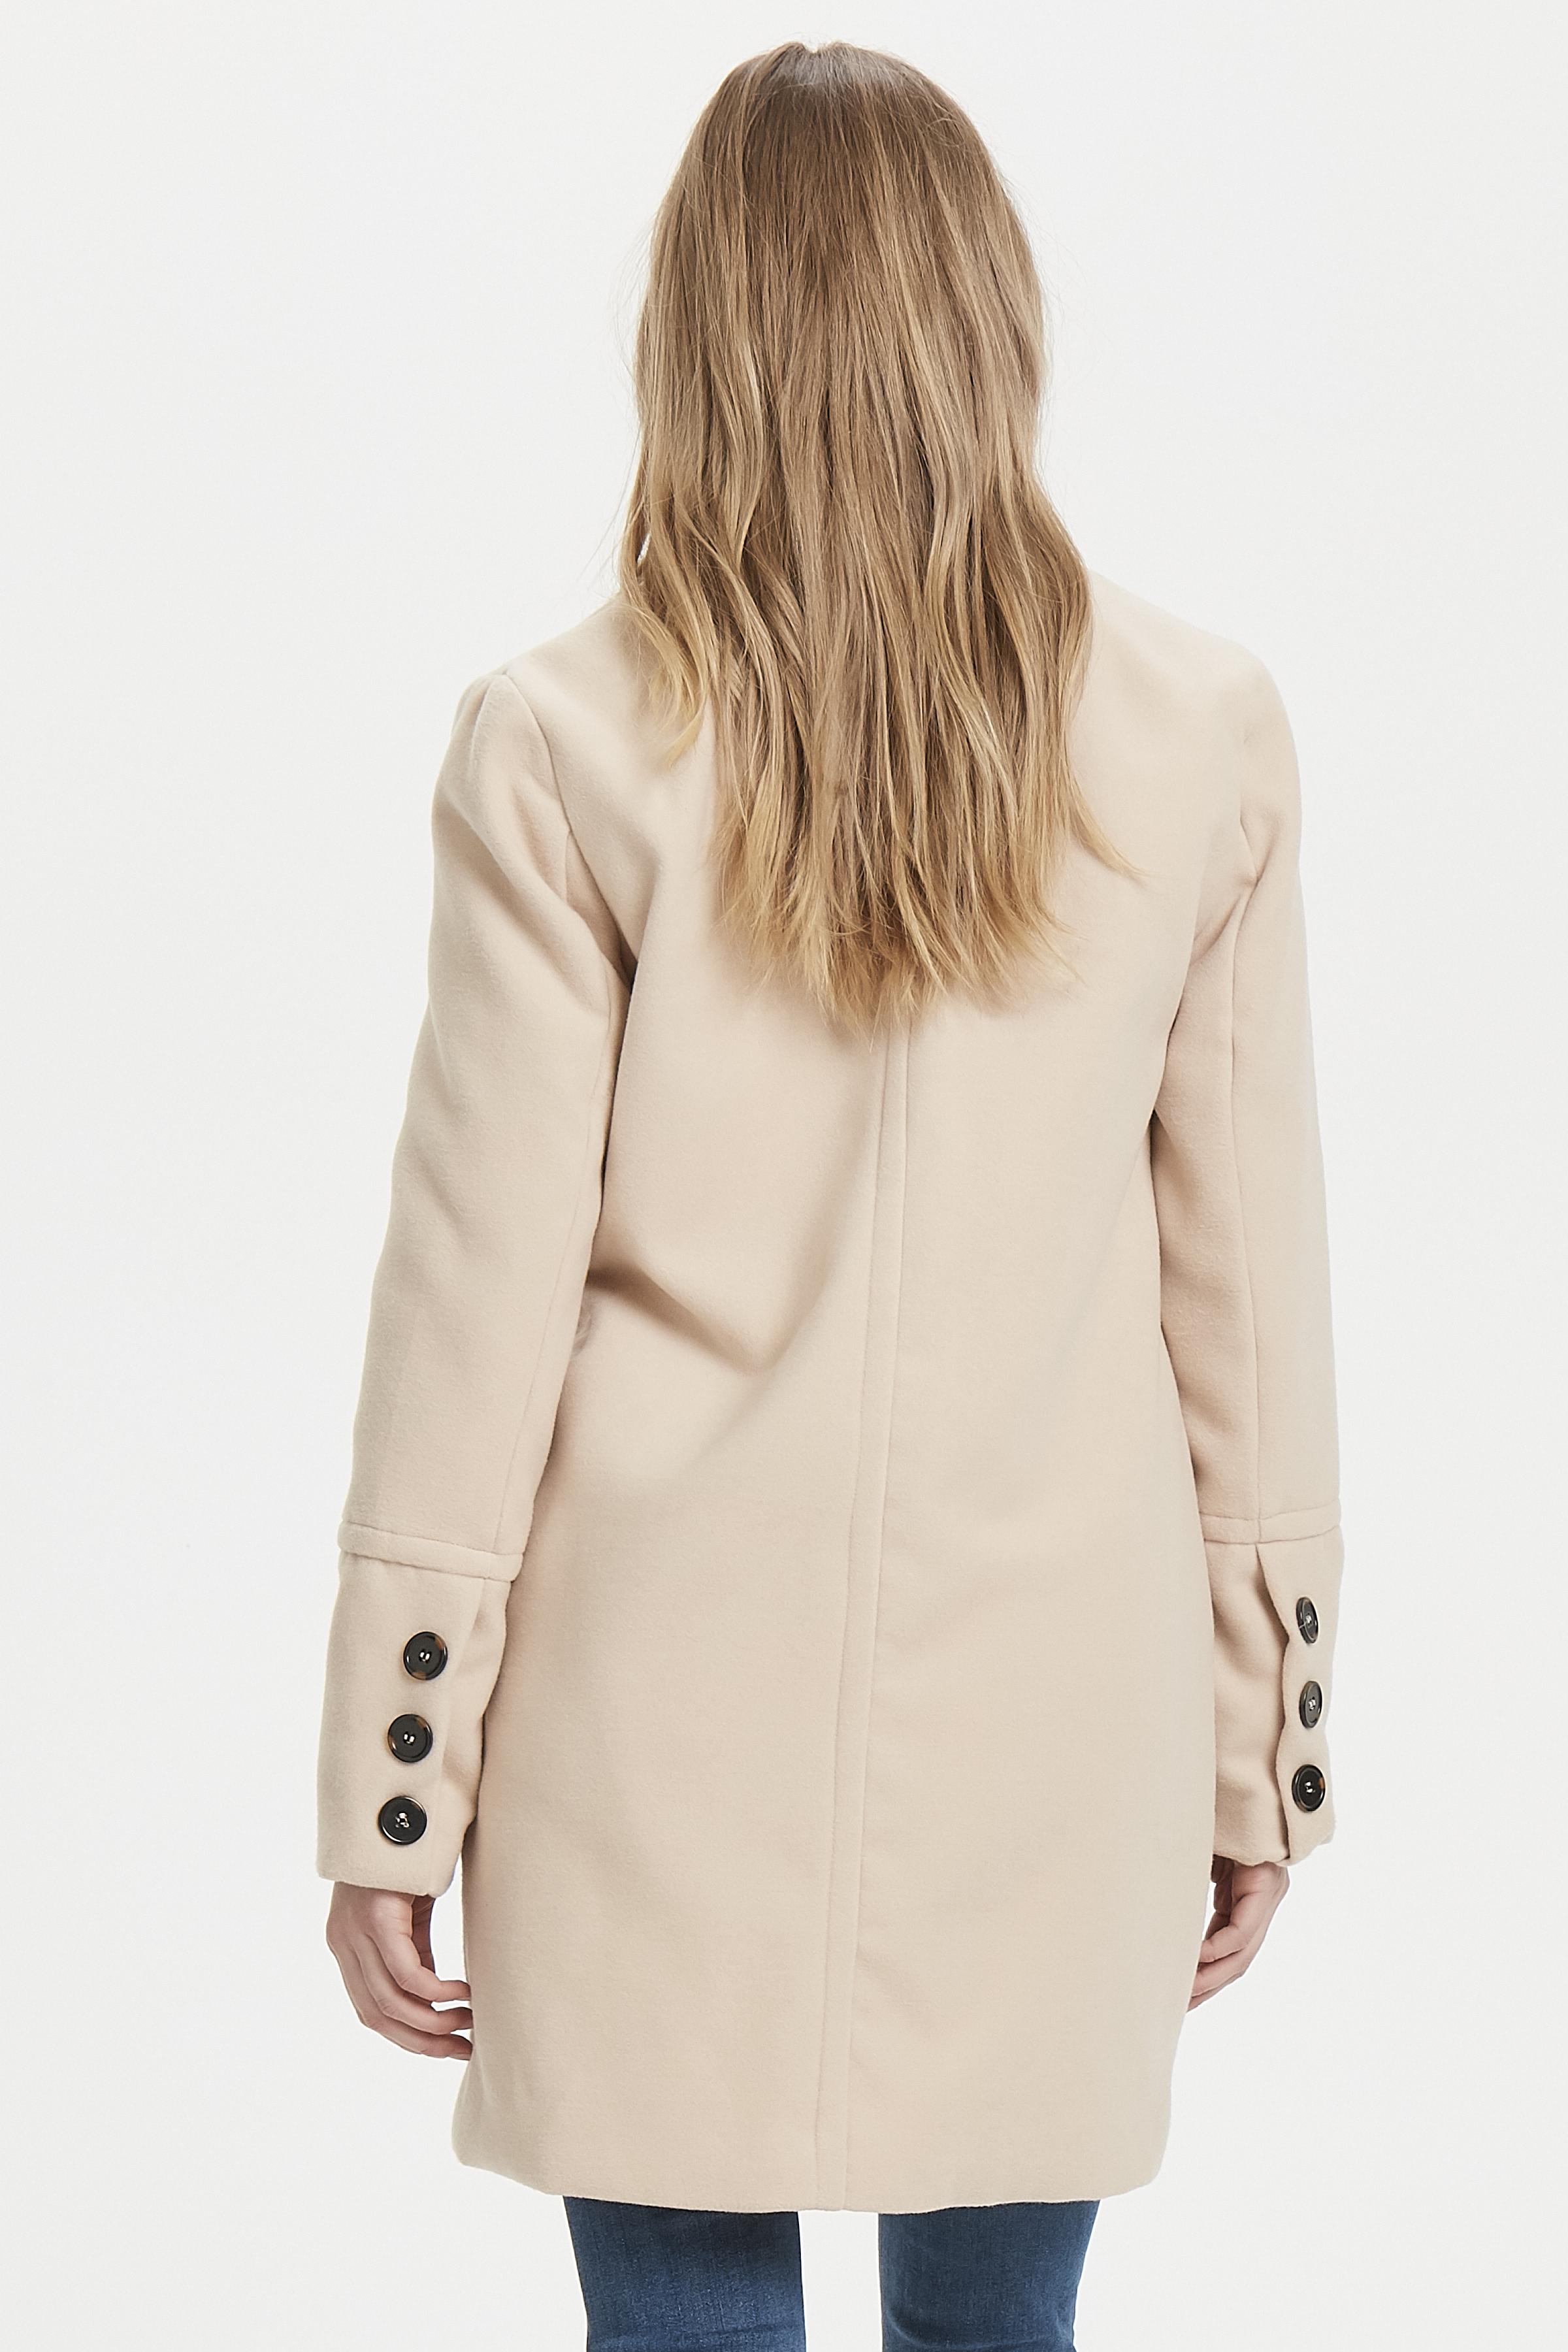 Moonlight Jacke von b.young – Kaufen Sie Moonlight Jacke aus Größe 34-44 hier